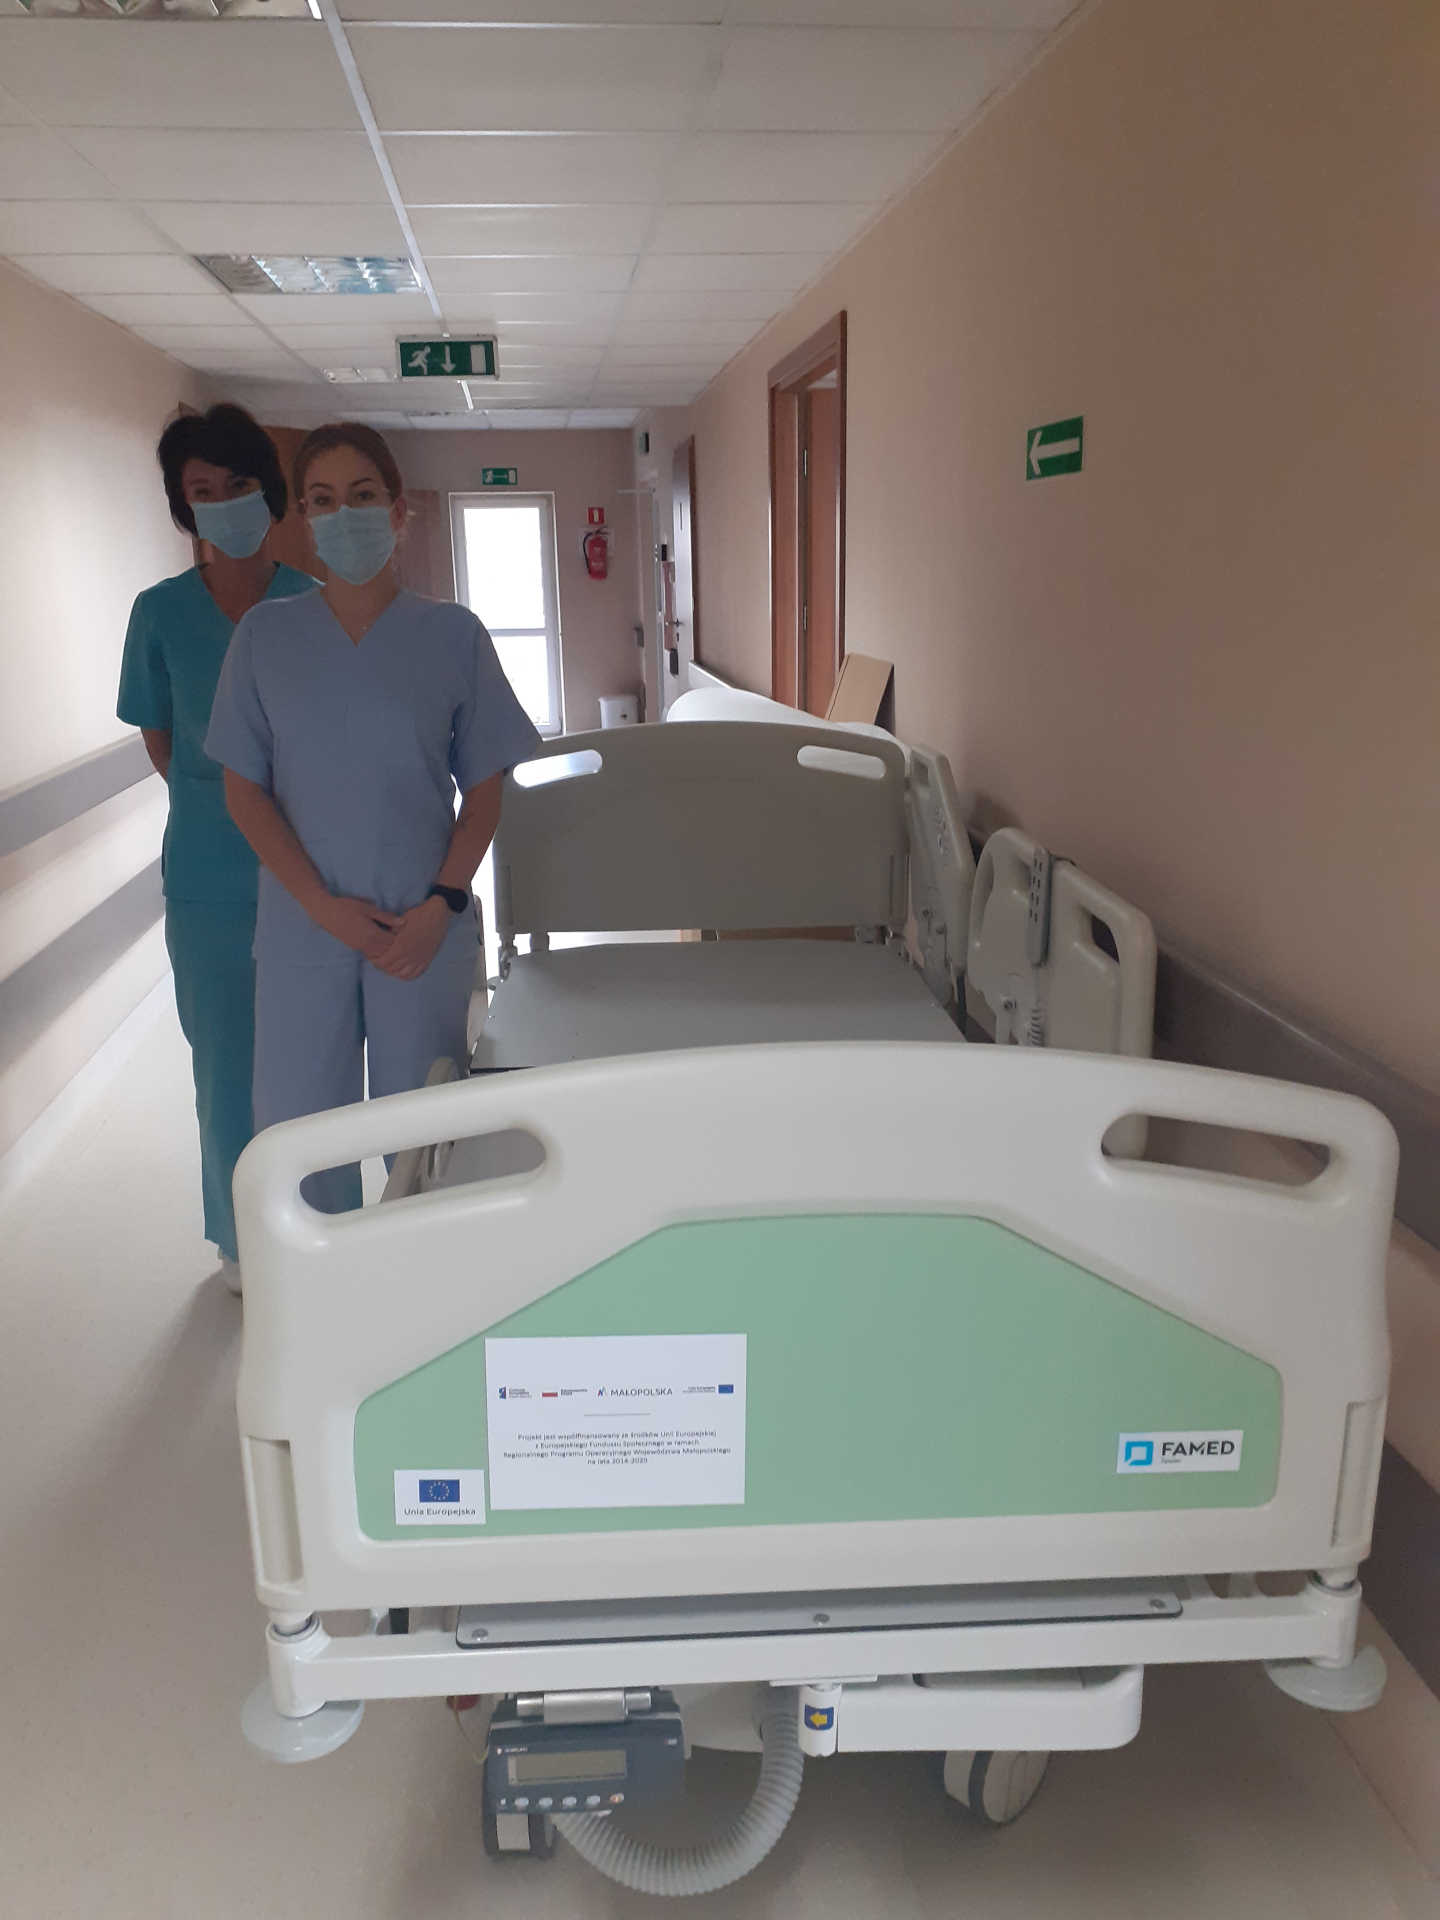 kolejny-nowy-sprzet-dla-zespolu-w-ramach-pakietu-medycznego-malopolskiej-tarczy-antykryzysowej